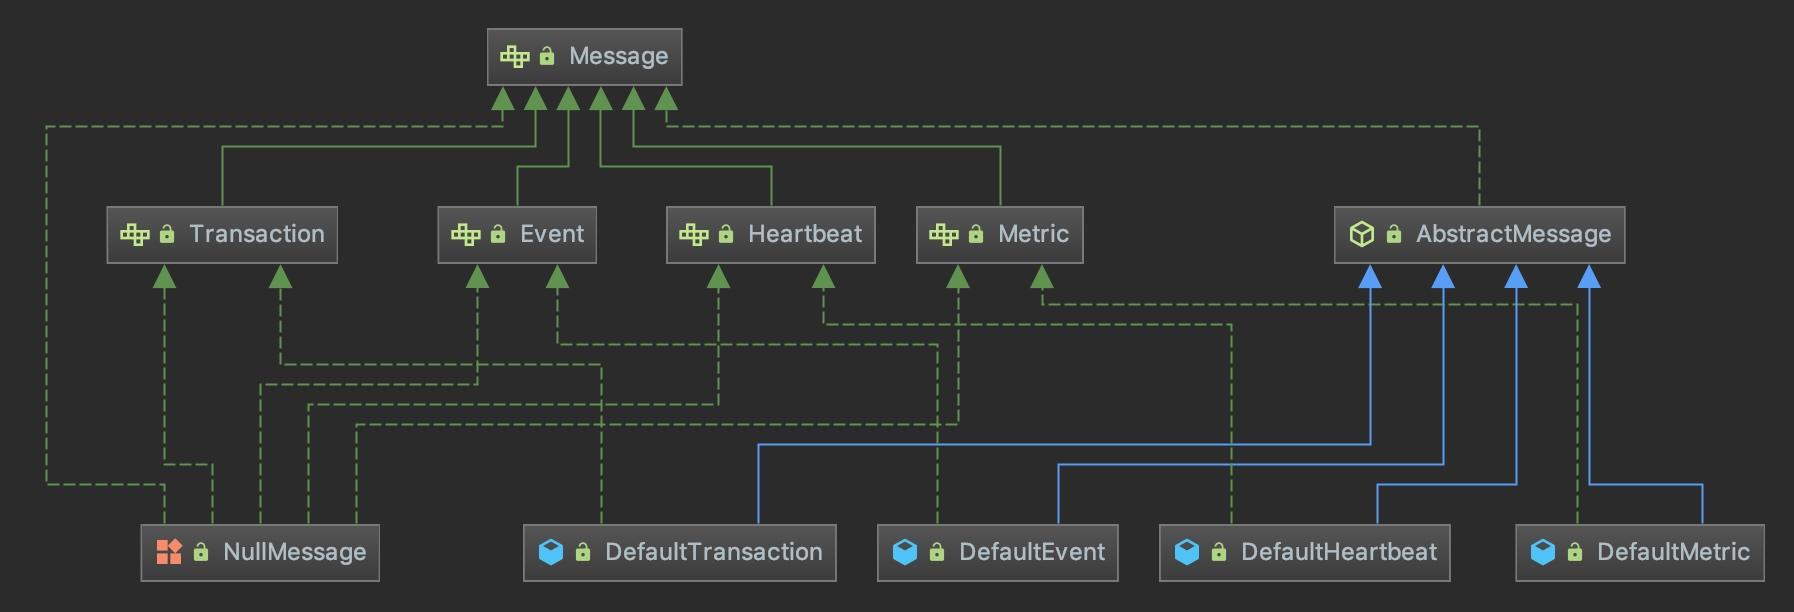 消息模型UML图